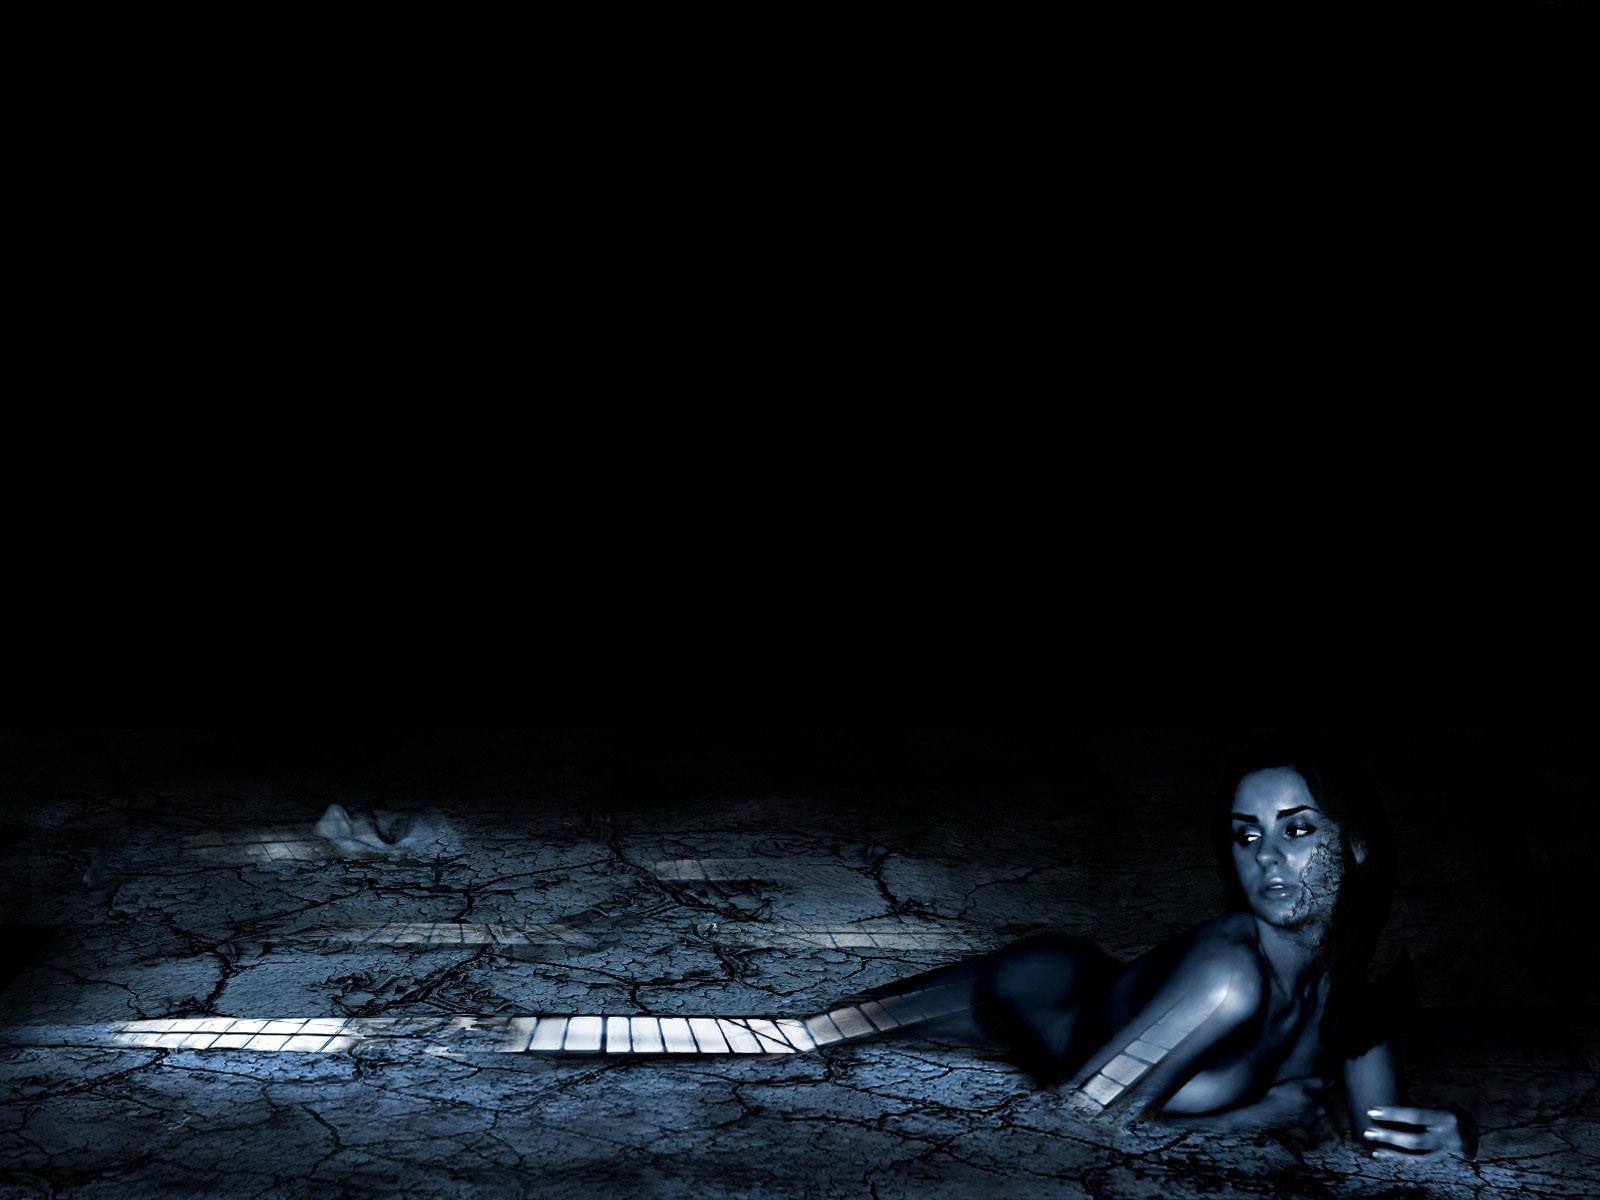 Девушка в асфальте, темный фон